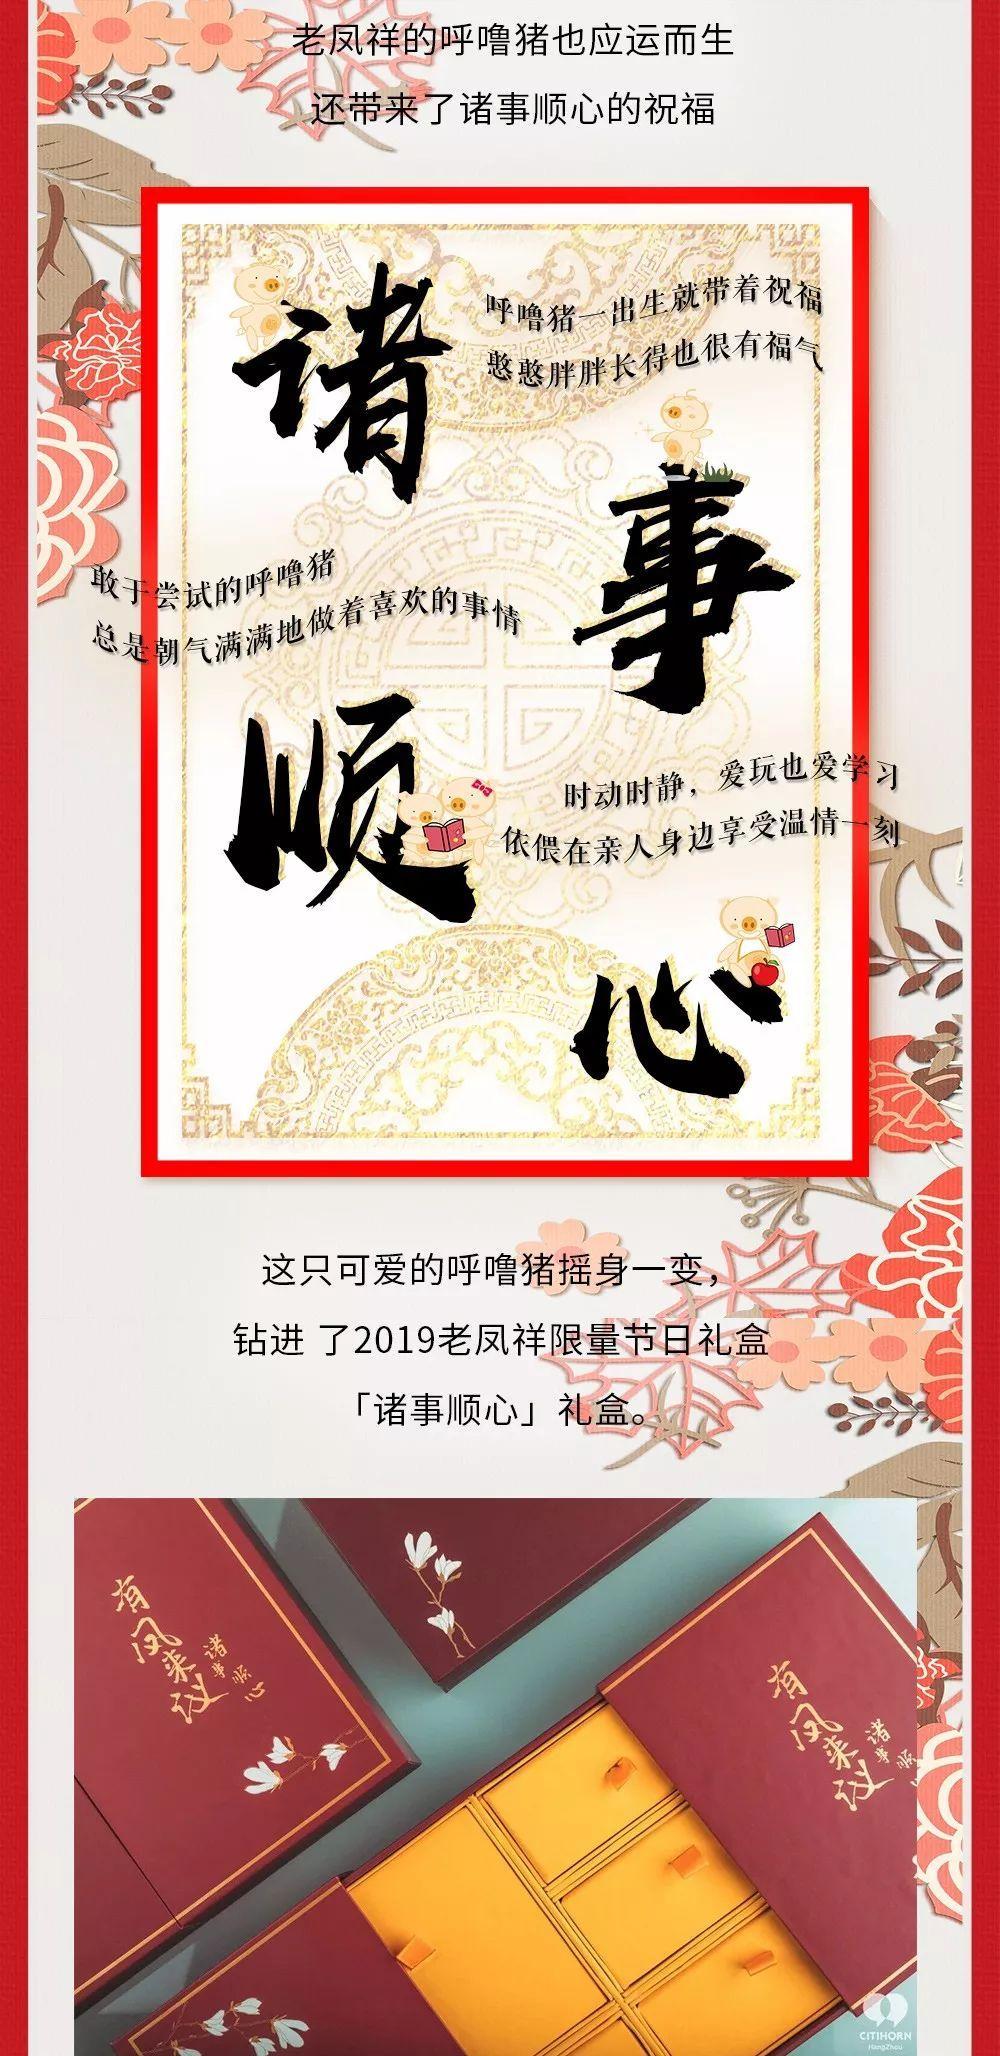 """童真金猪、浪漫""""情书"""",老凤祥送来新年祝福,还有锦鲤节日大礼等你!(图3)"""